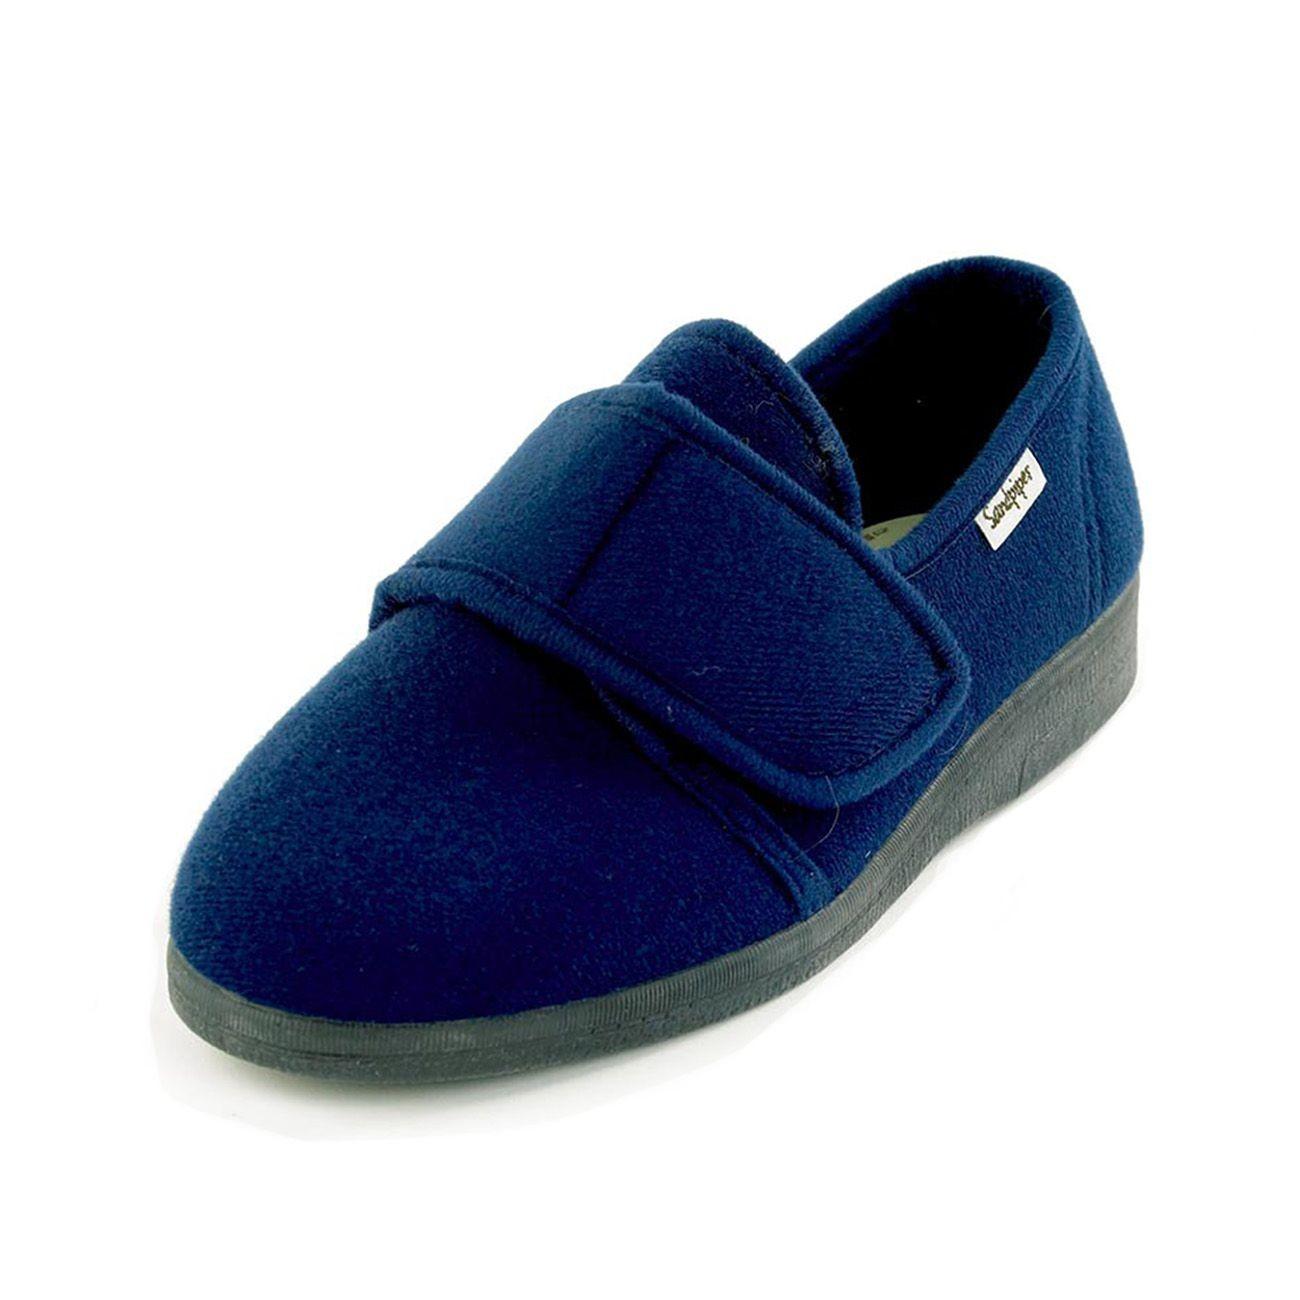 Sophie Ladies Slipper and ladie's wider fitting footwear